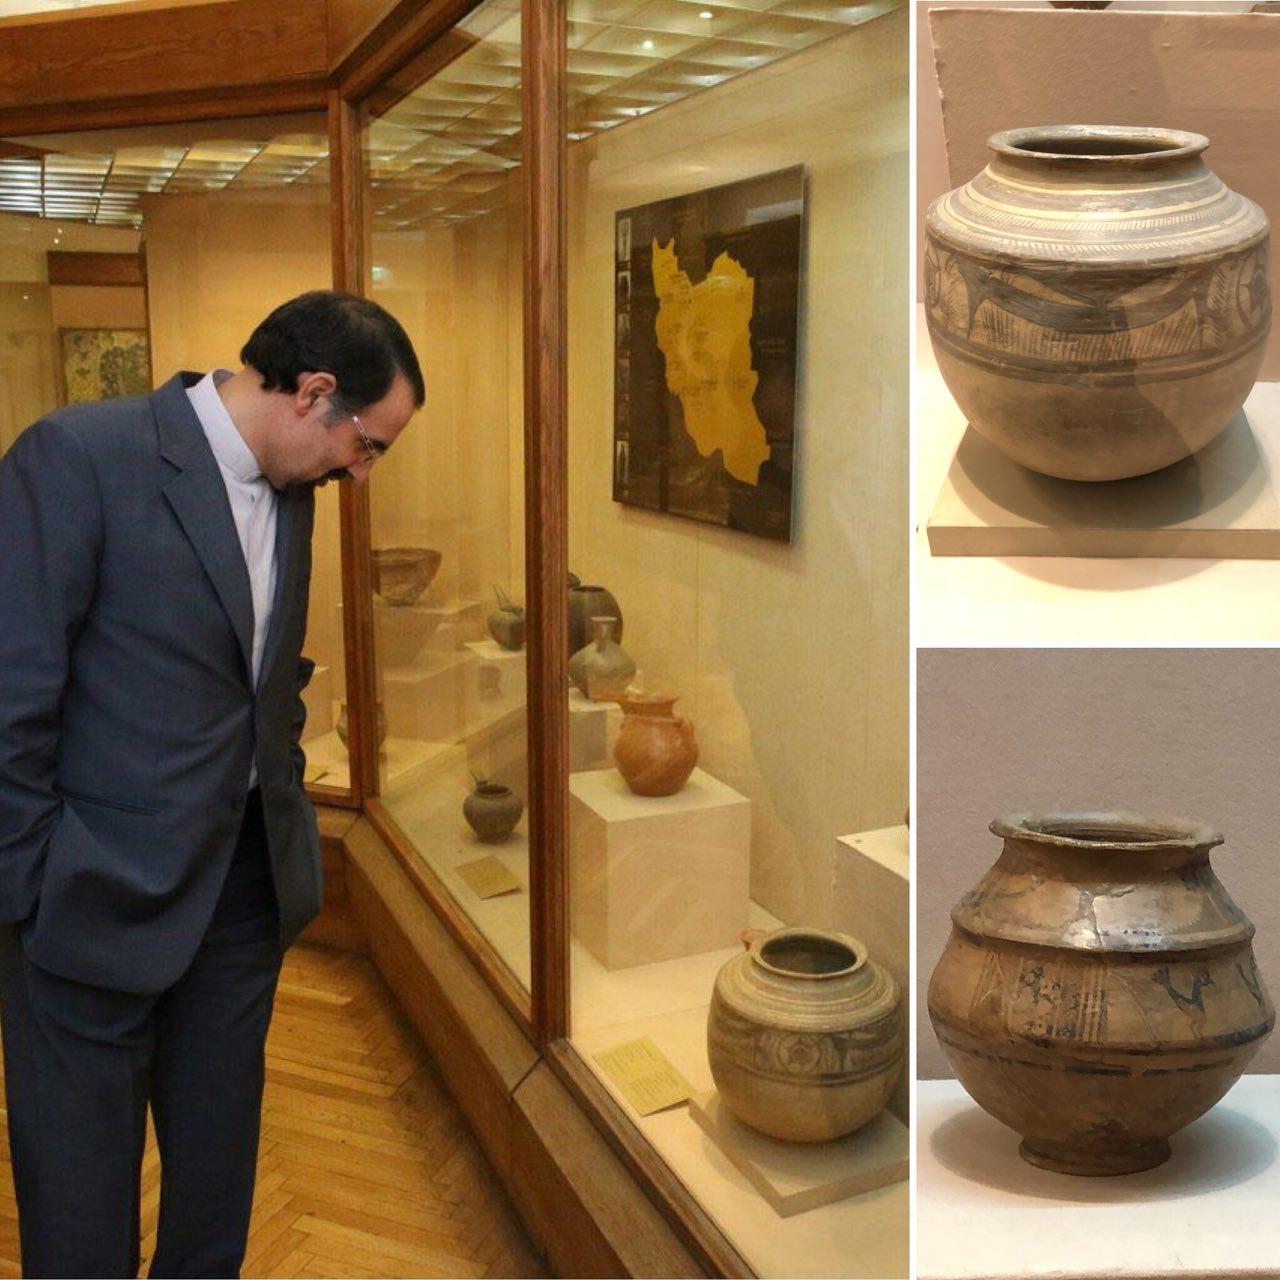 نمایش 2 اثر تاریخی از نهاوند در موزه هنرهای شرقی مسکو